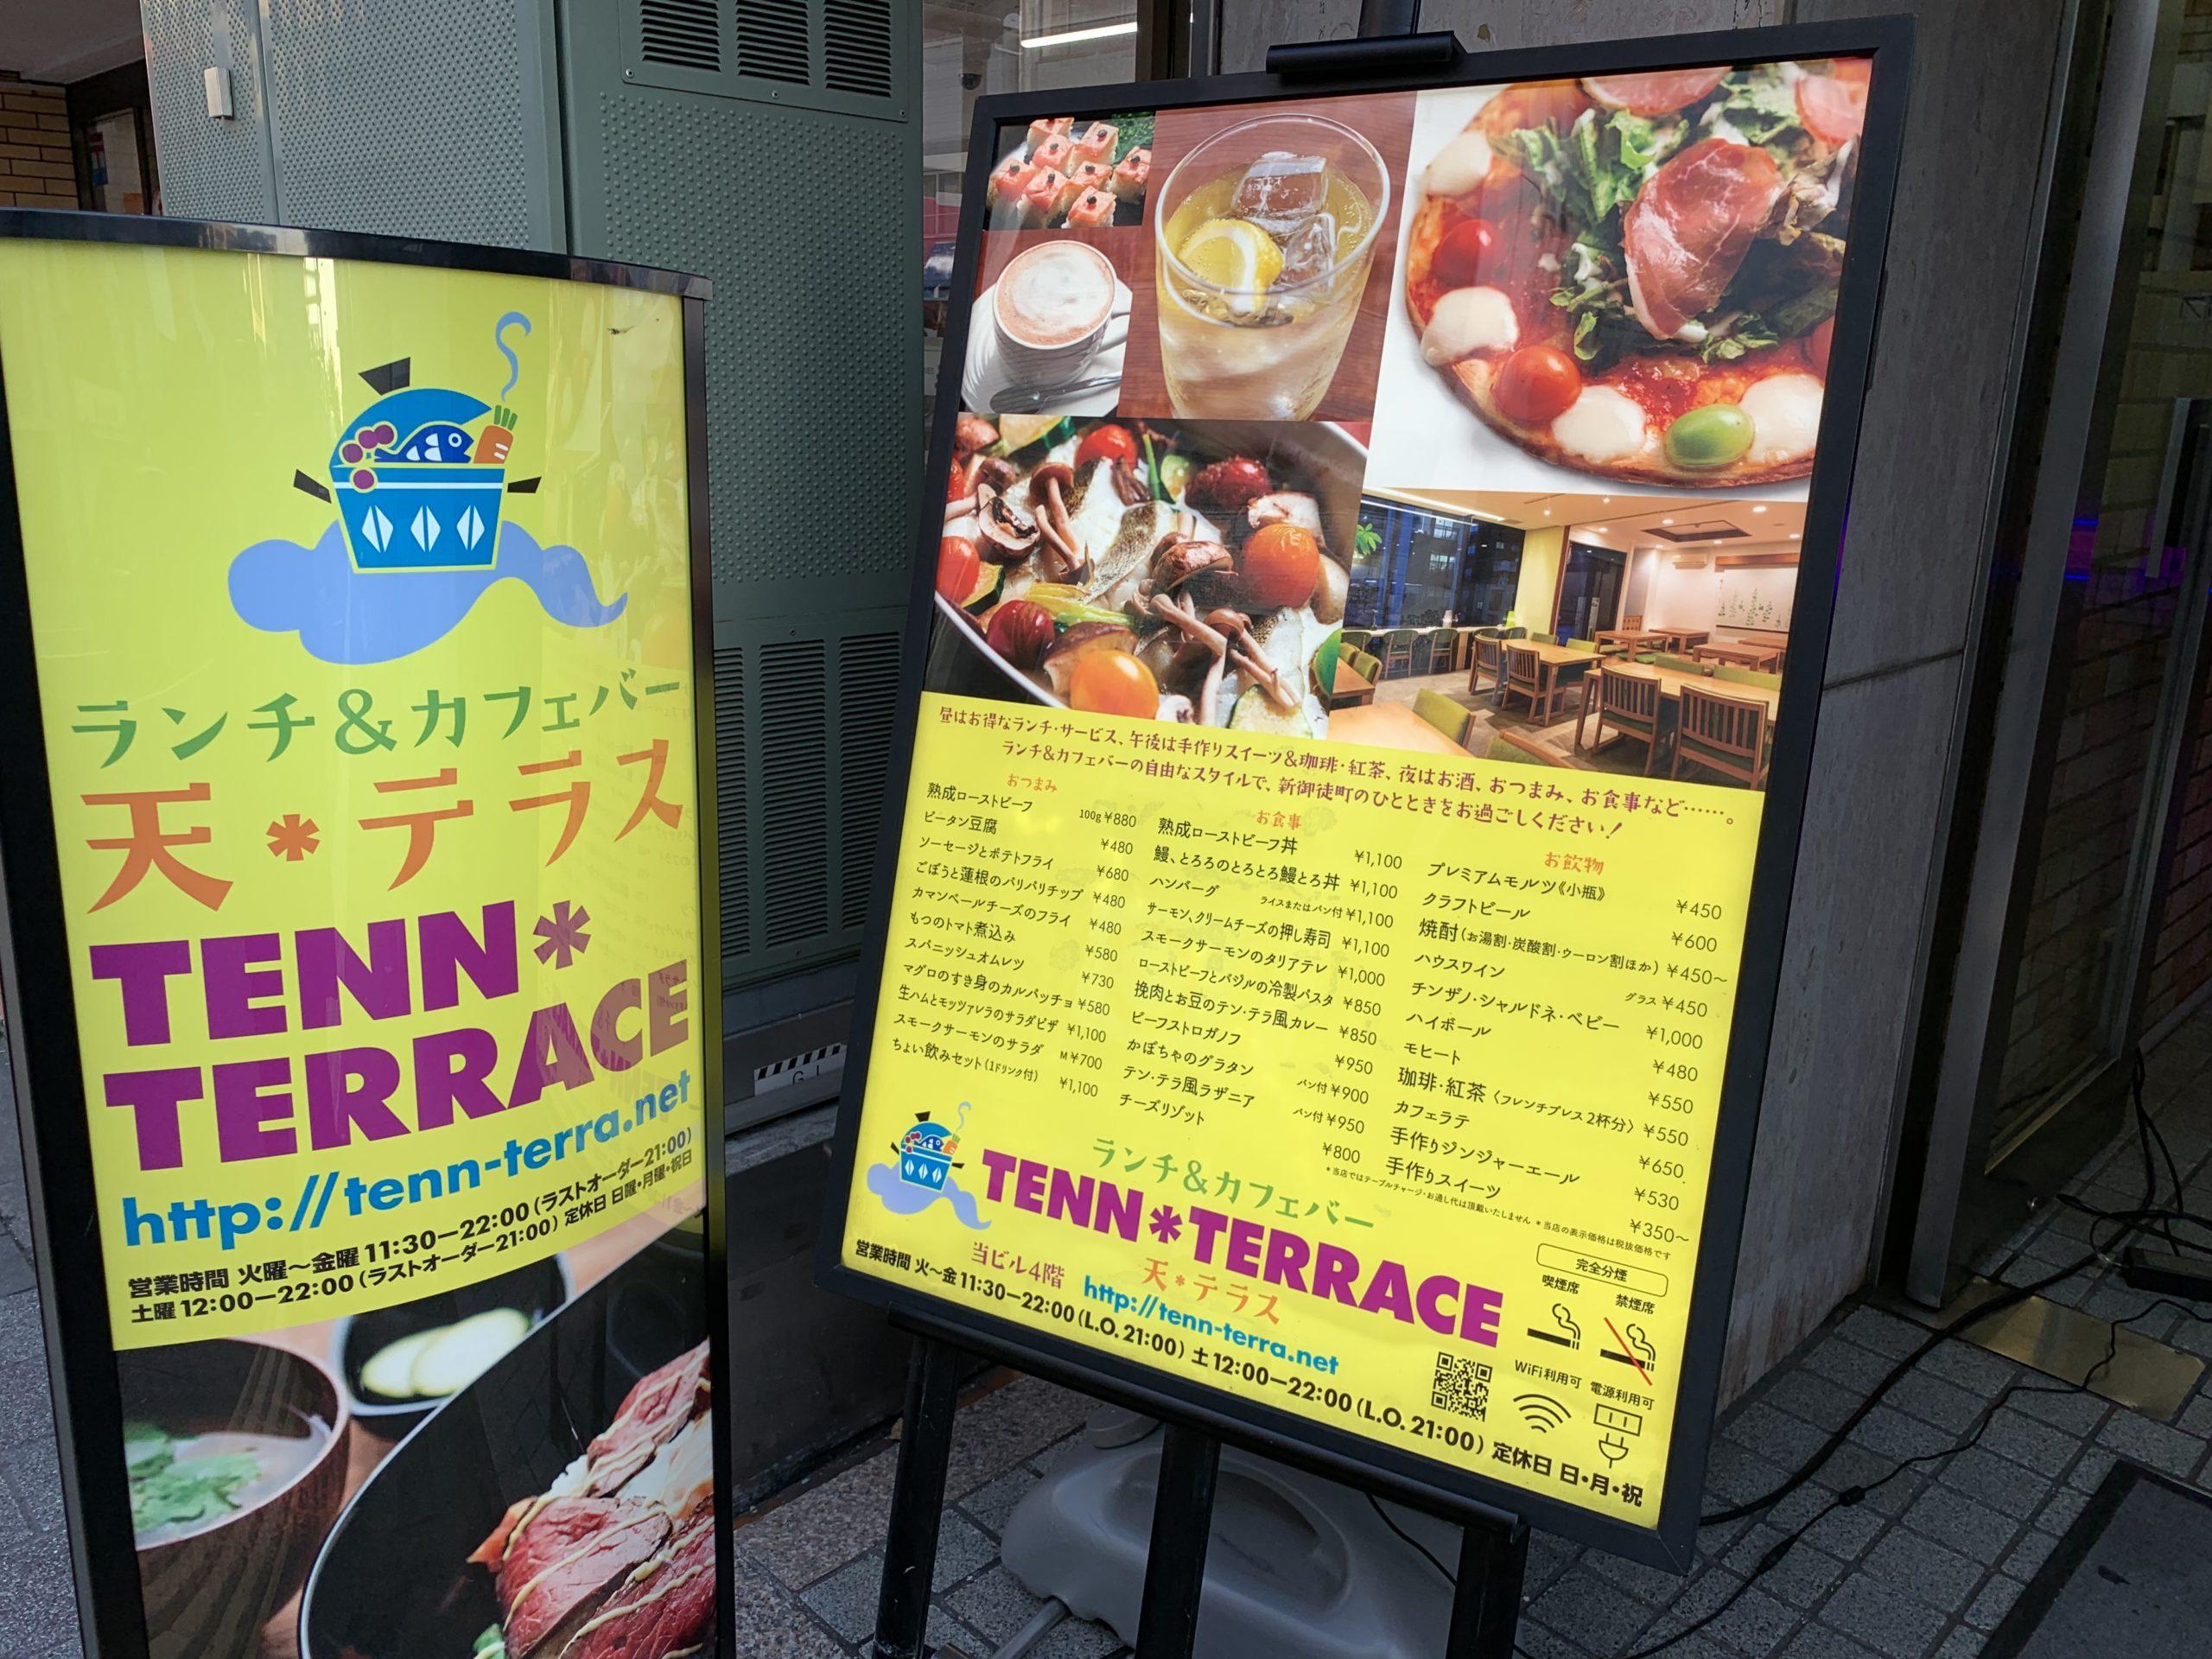 新御徒町駅A4 電源カフェ 天・テラス Wi-Fi